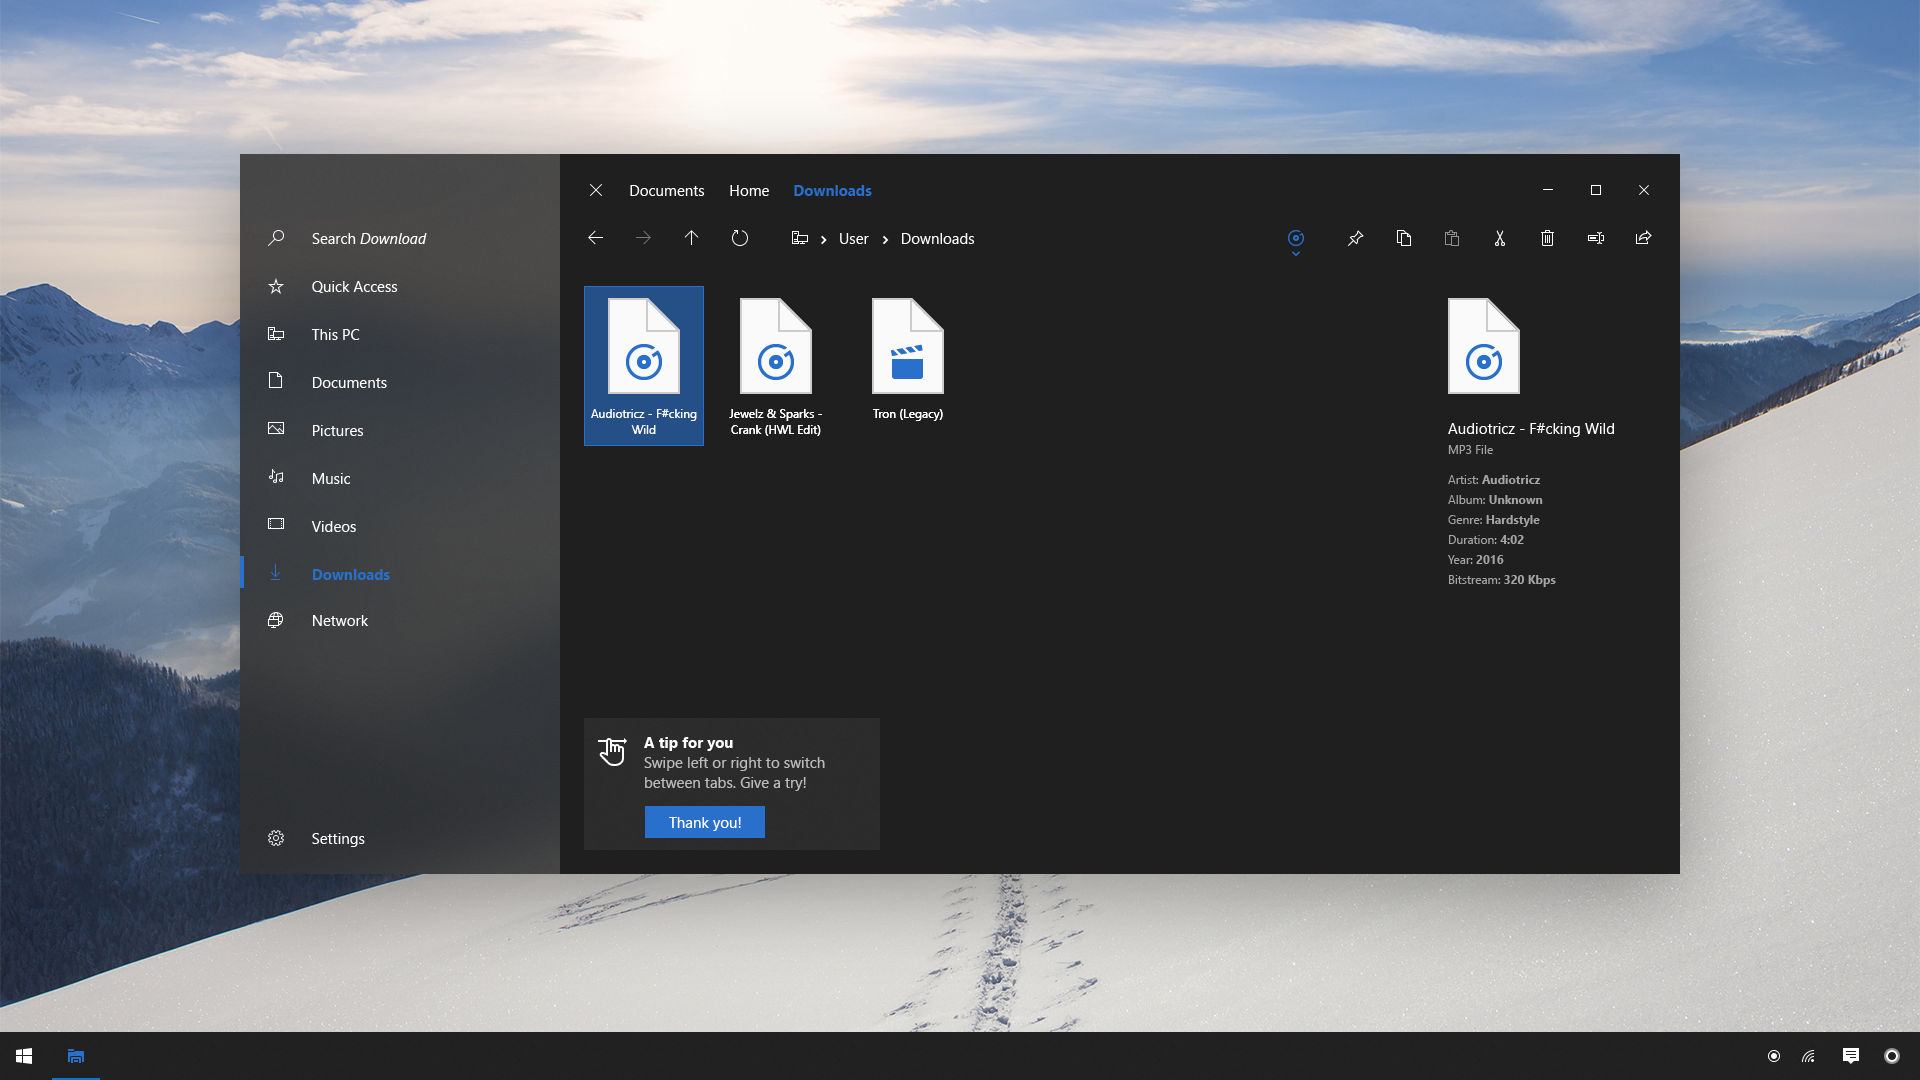 File Explorer 2.0 - Win10 Project Neon Concept